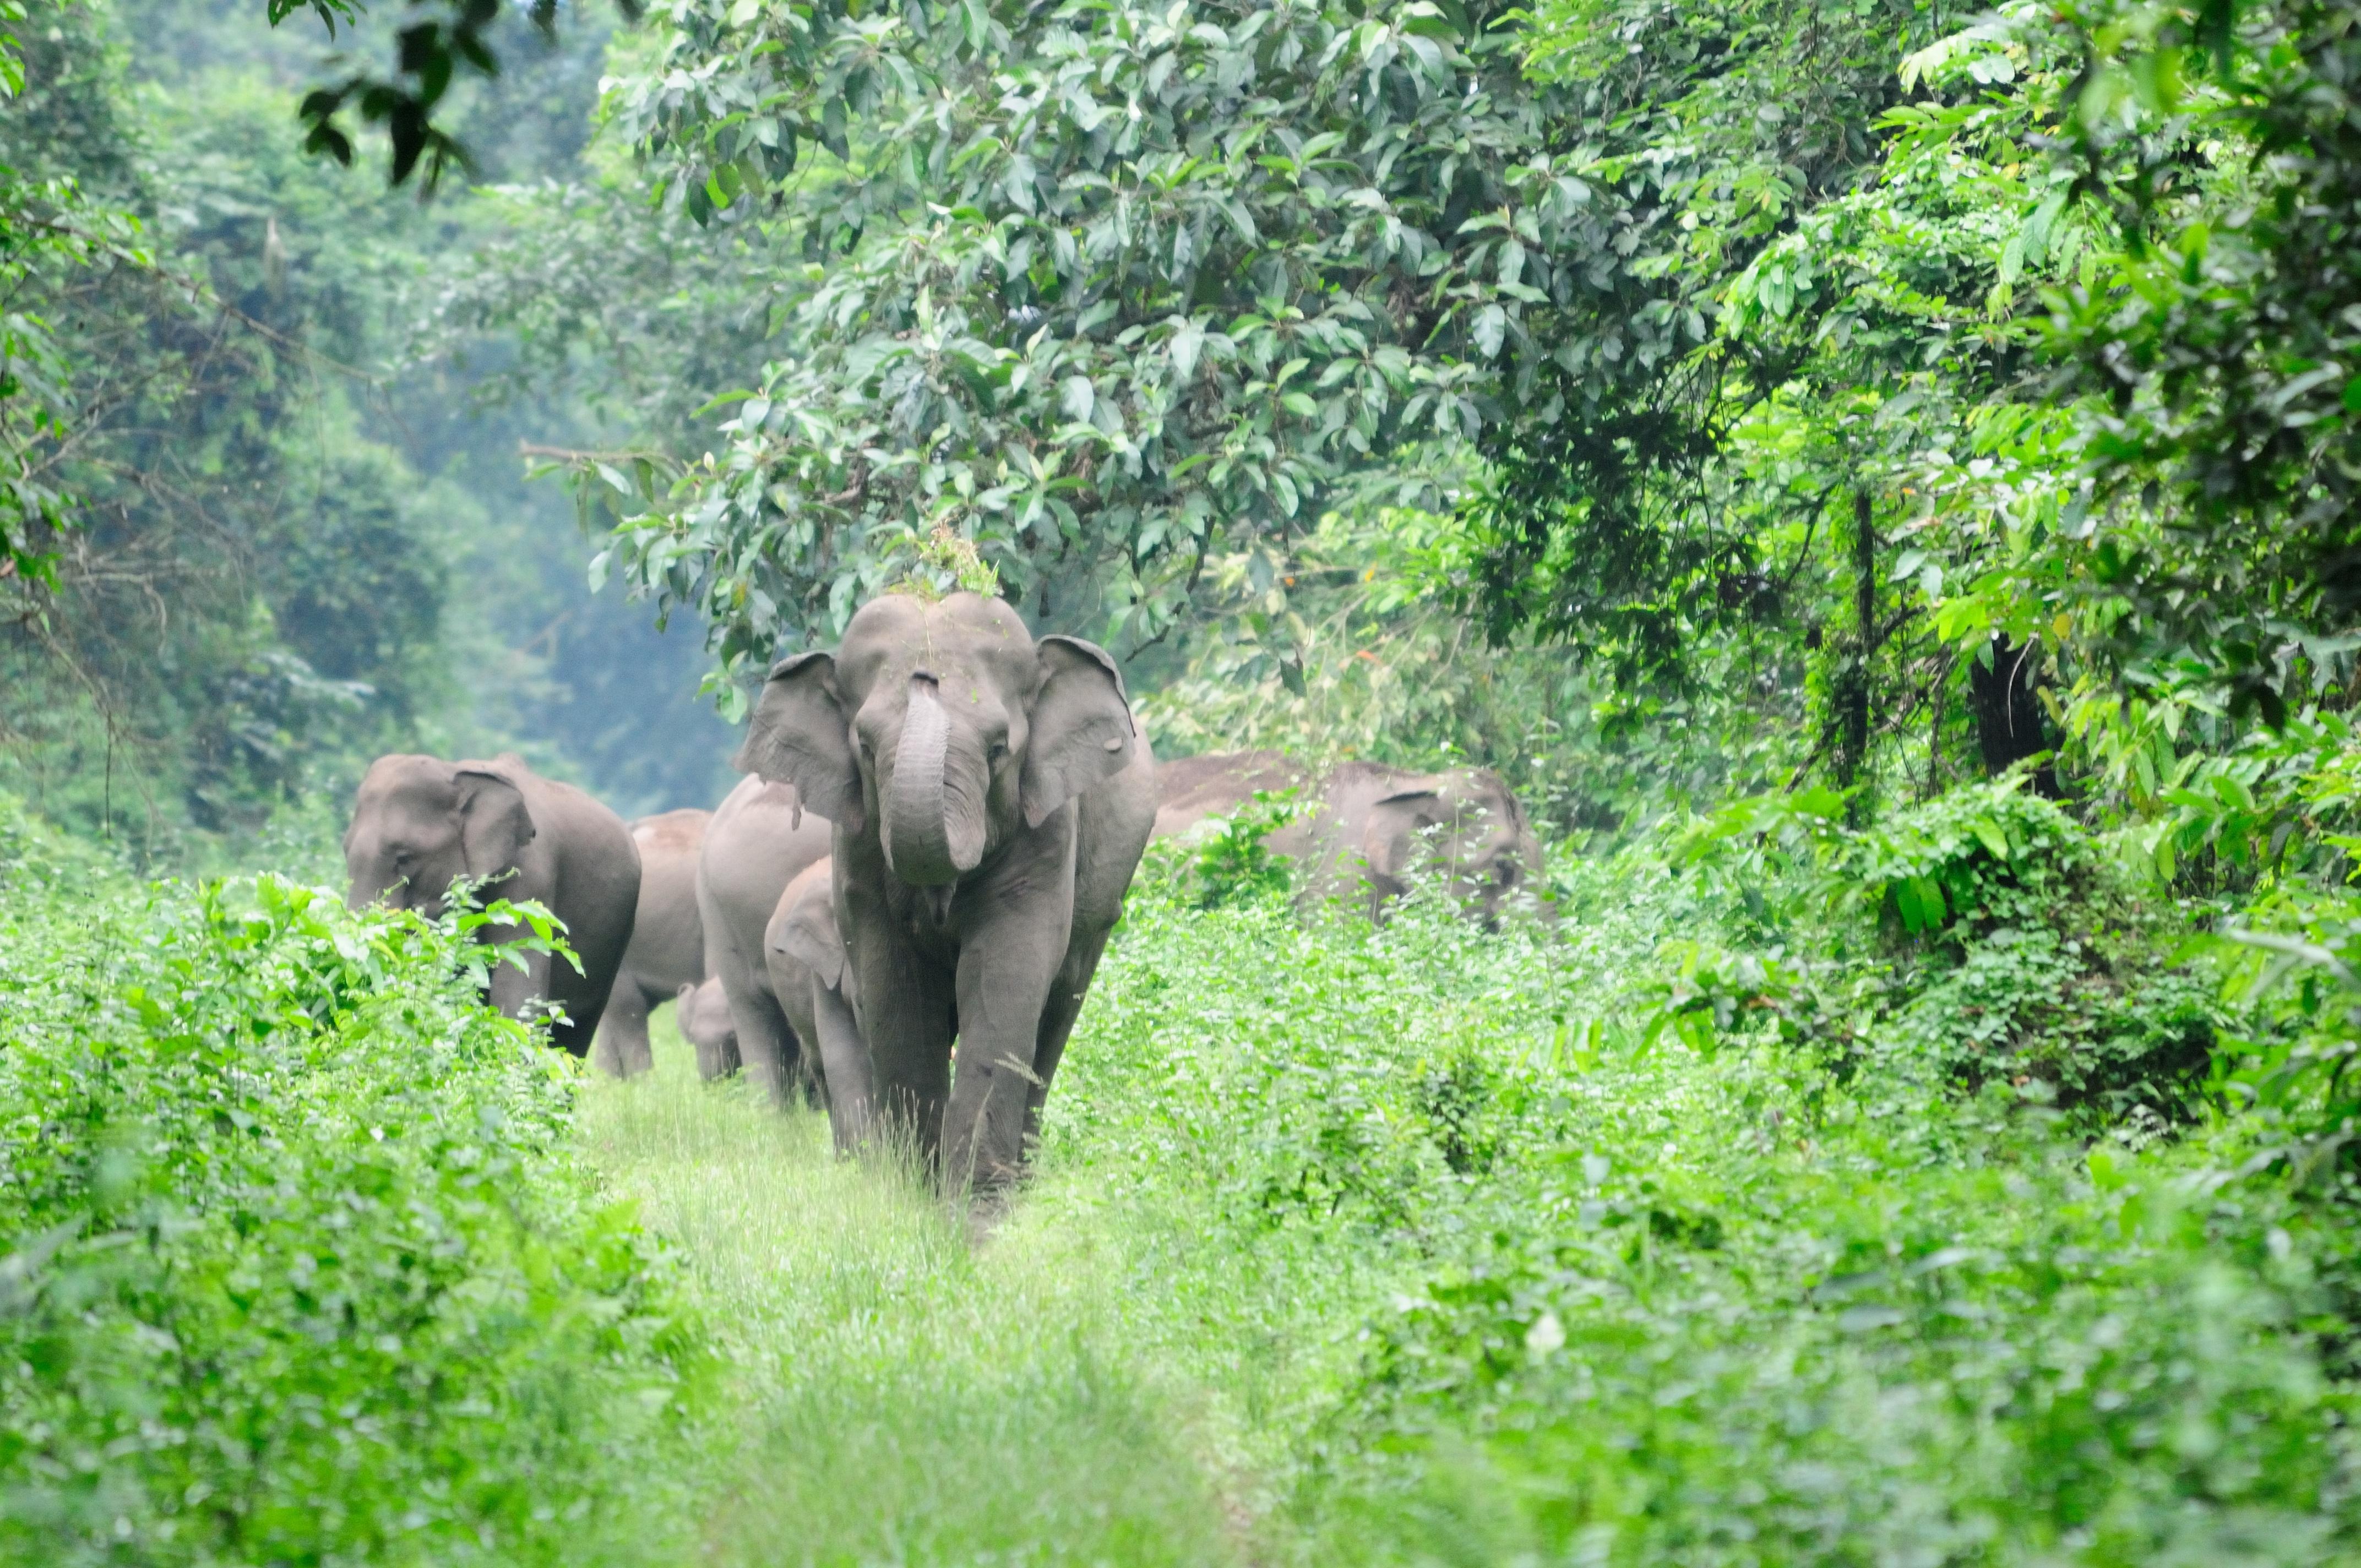 Images gratuites la nature aventure faune sauvage zoo jungle mammif re l phant for t - Photos d elephants gratuites ...